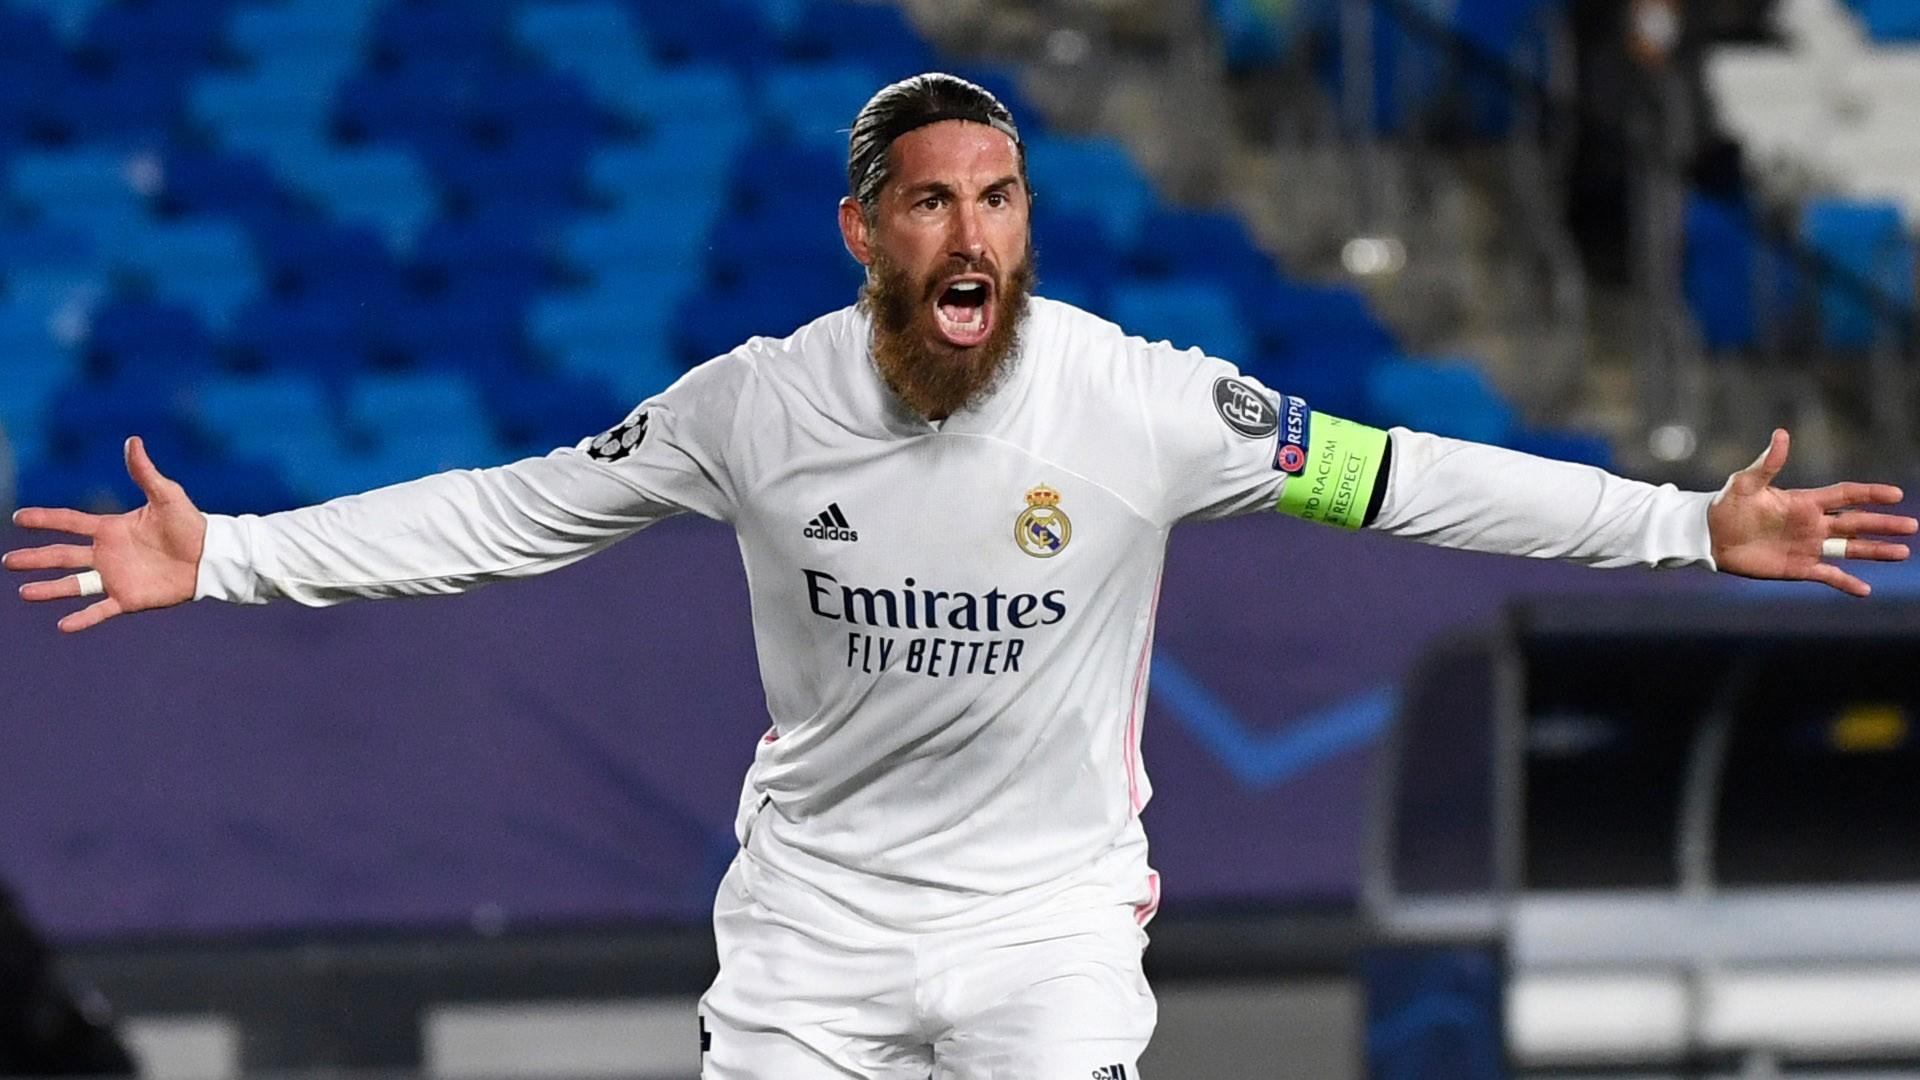 حسم الجدل.. ريال مدريد قريب من حسم مستقبل راموس